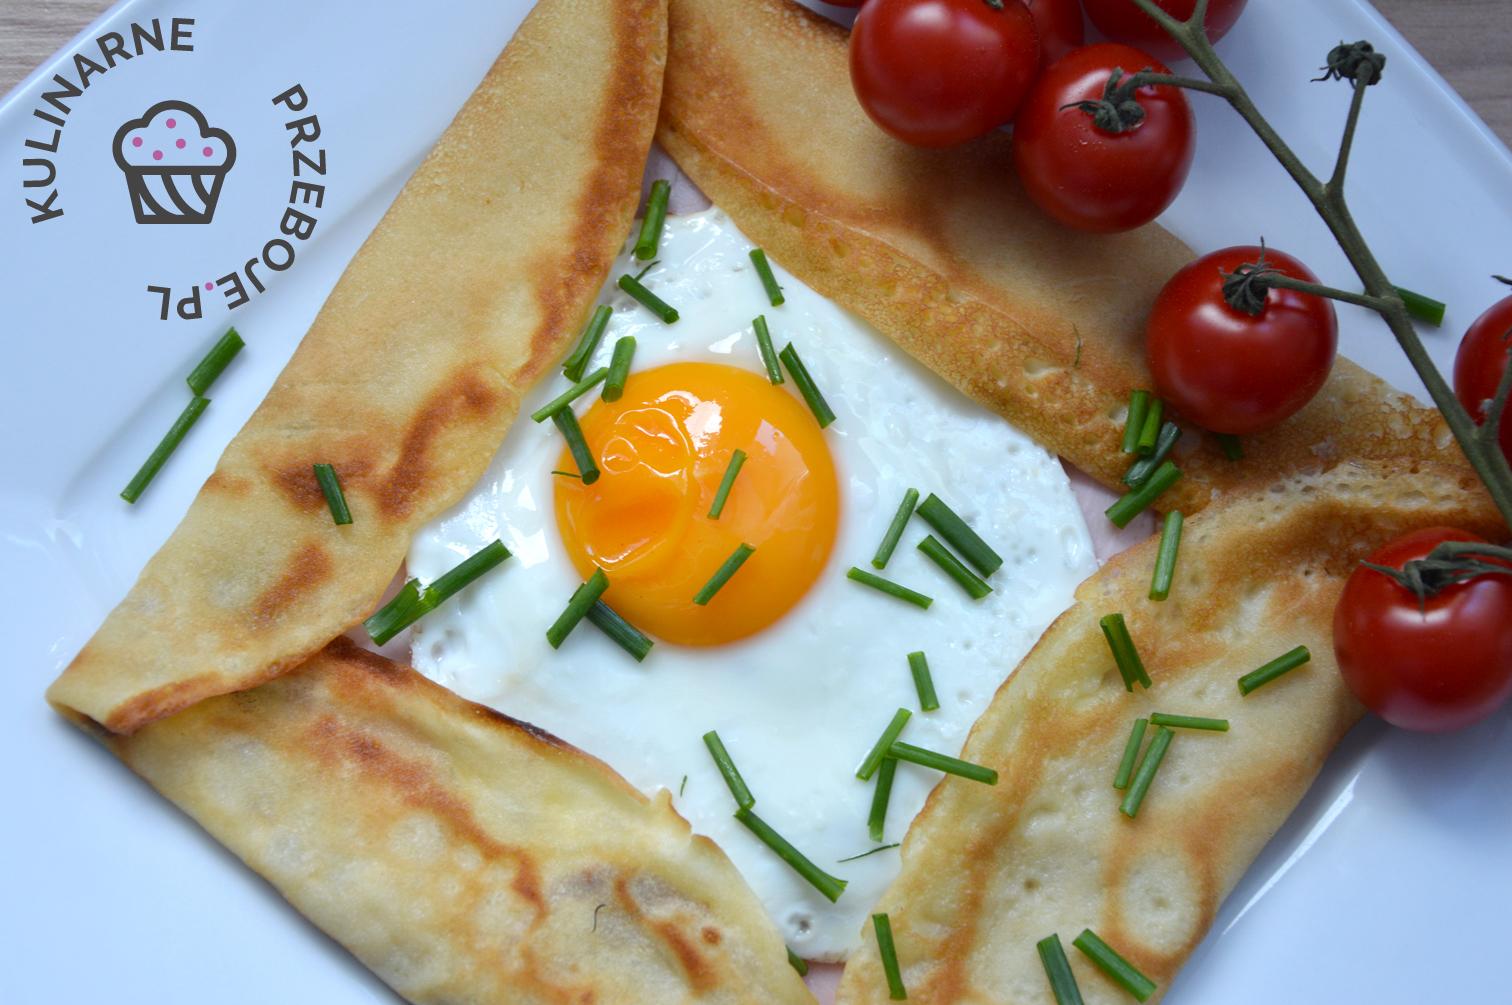 Jajko sadzone w kieszonkach naleśnikowych